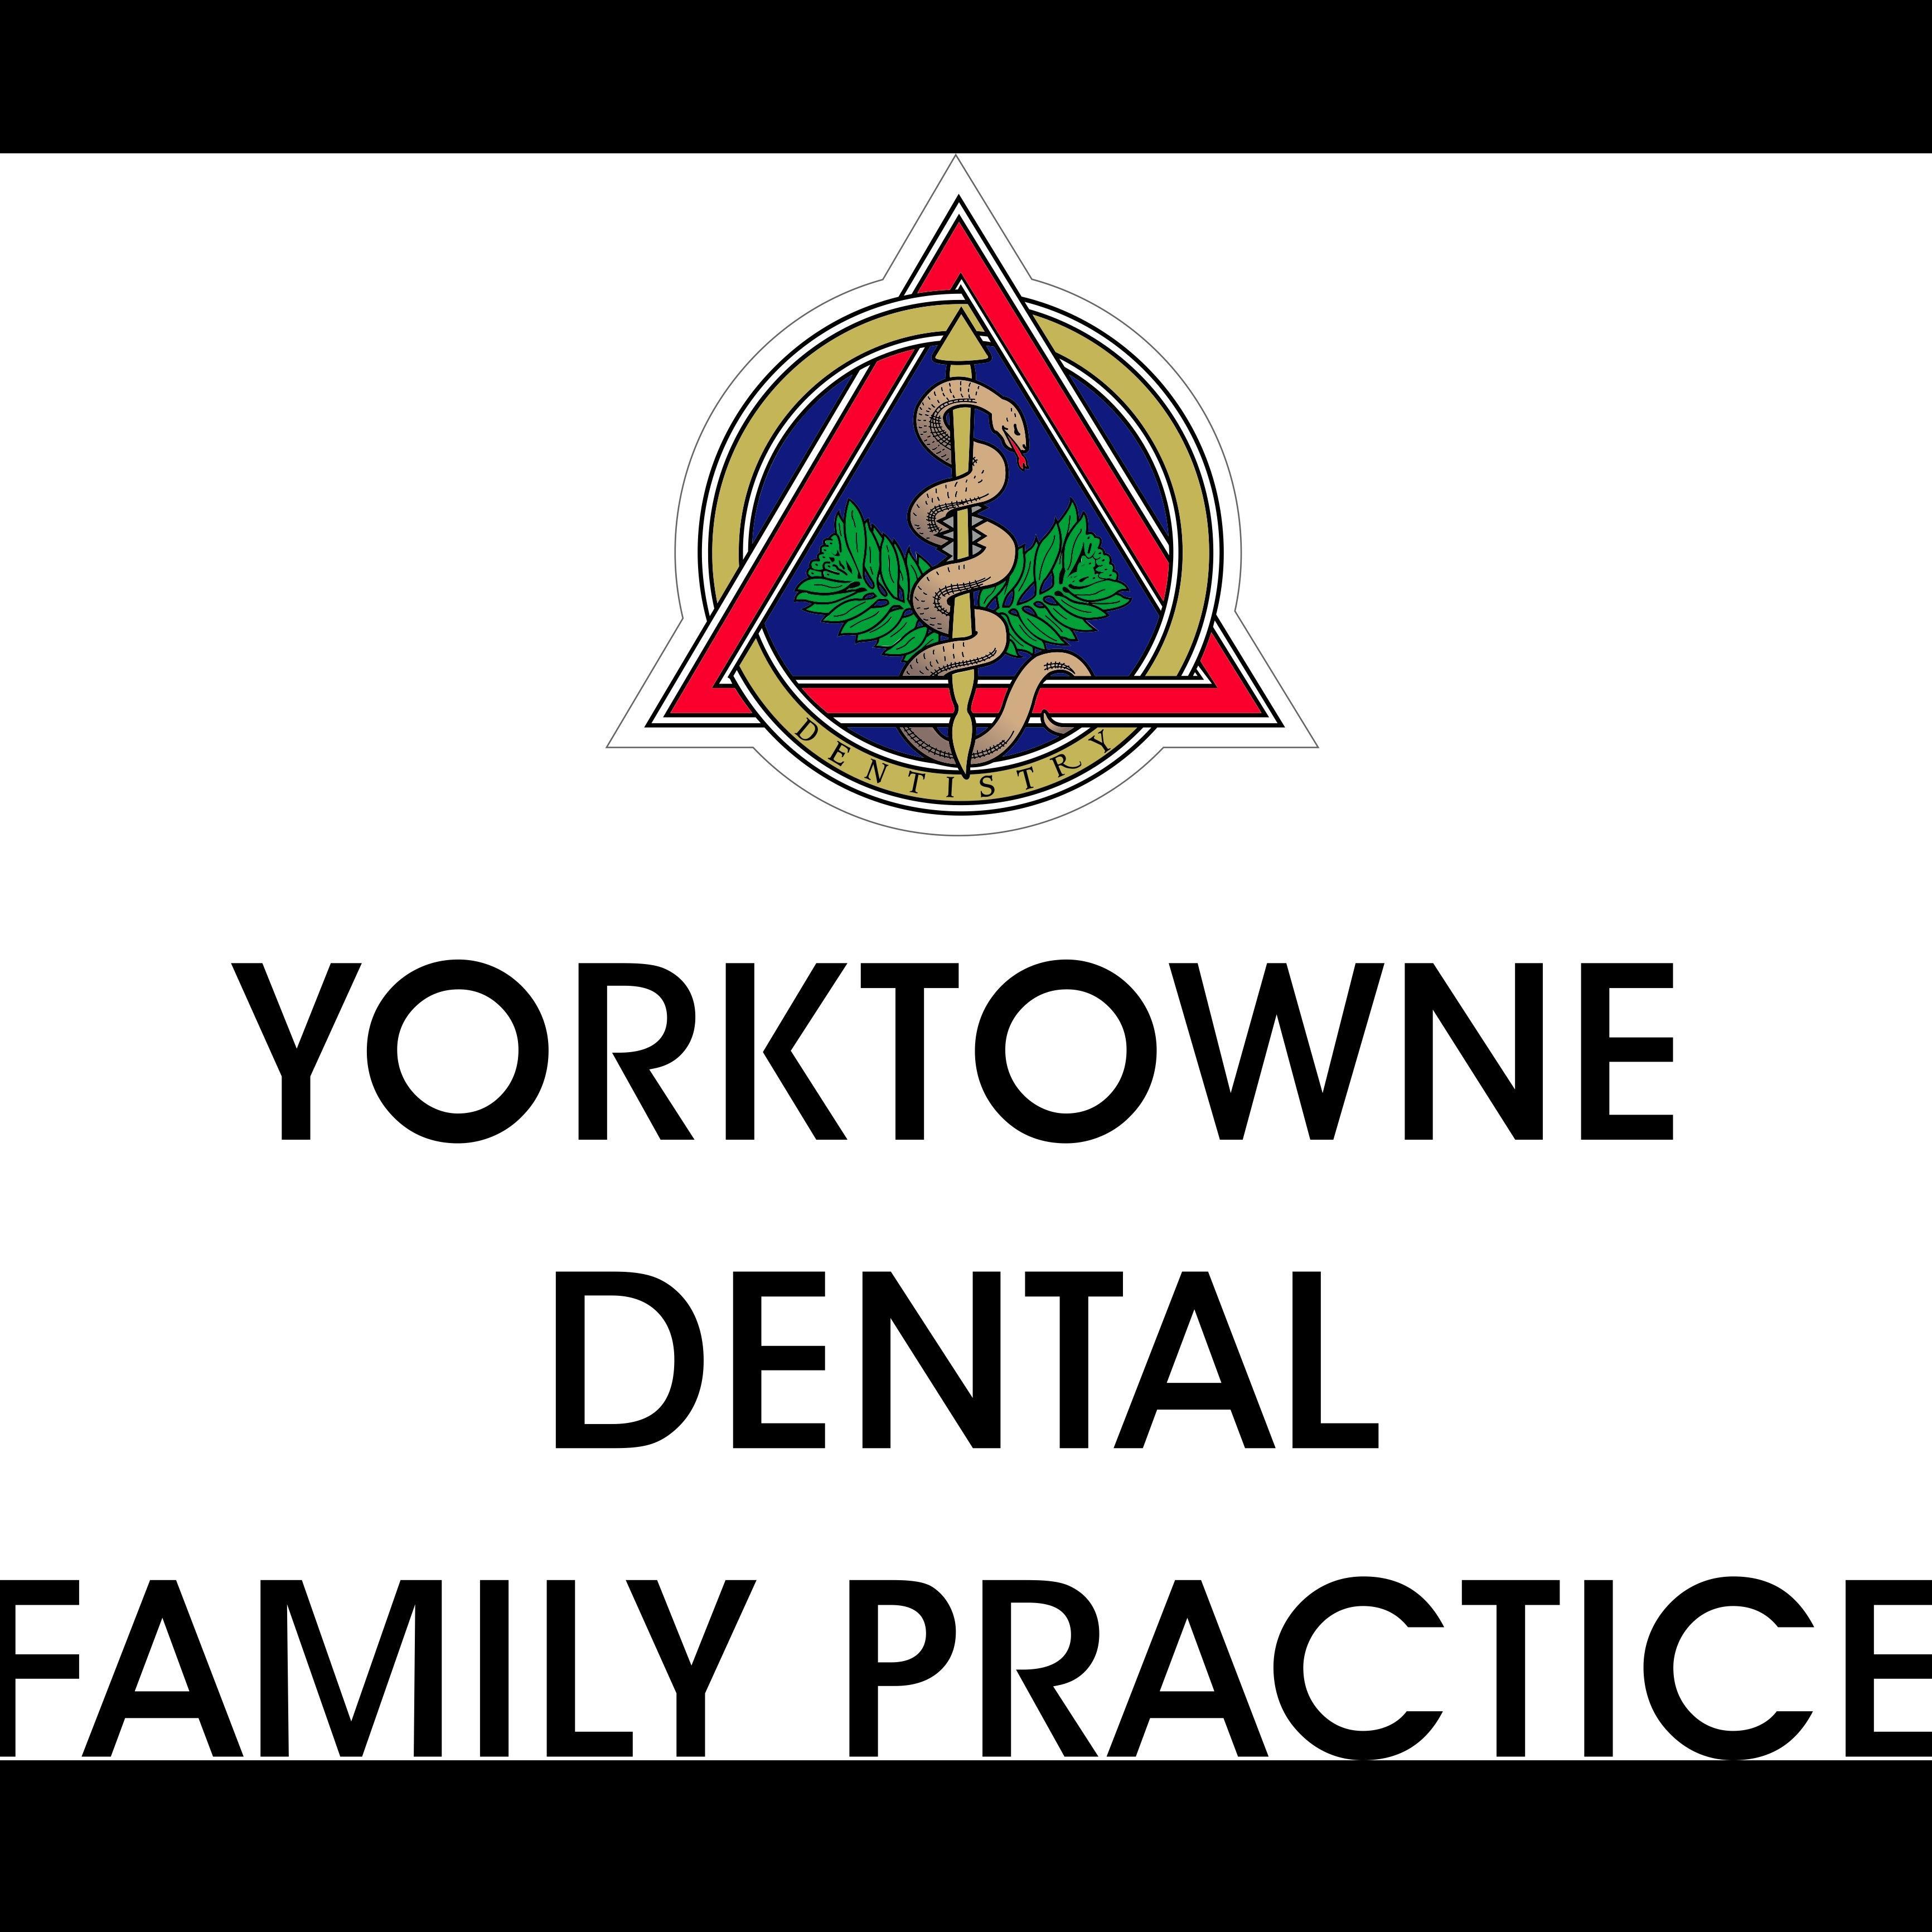 Yorktowne Dental Family Practice